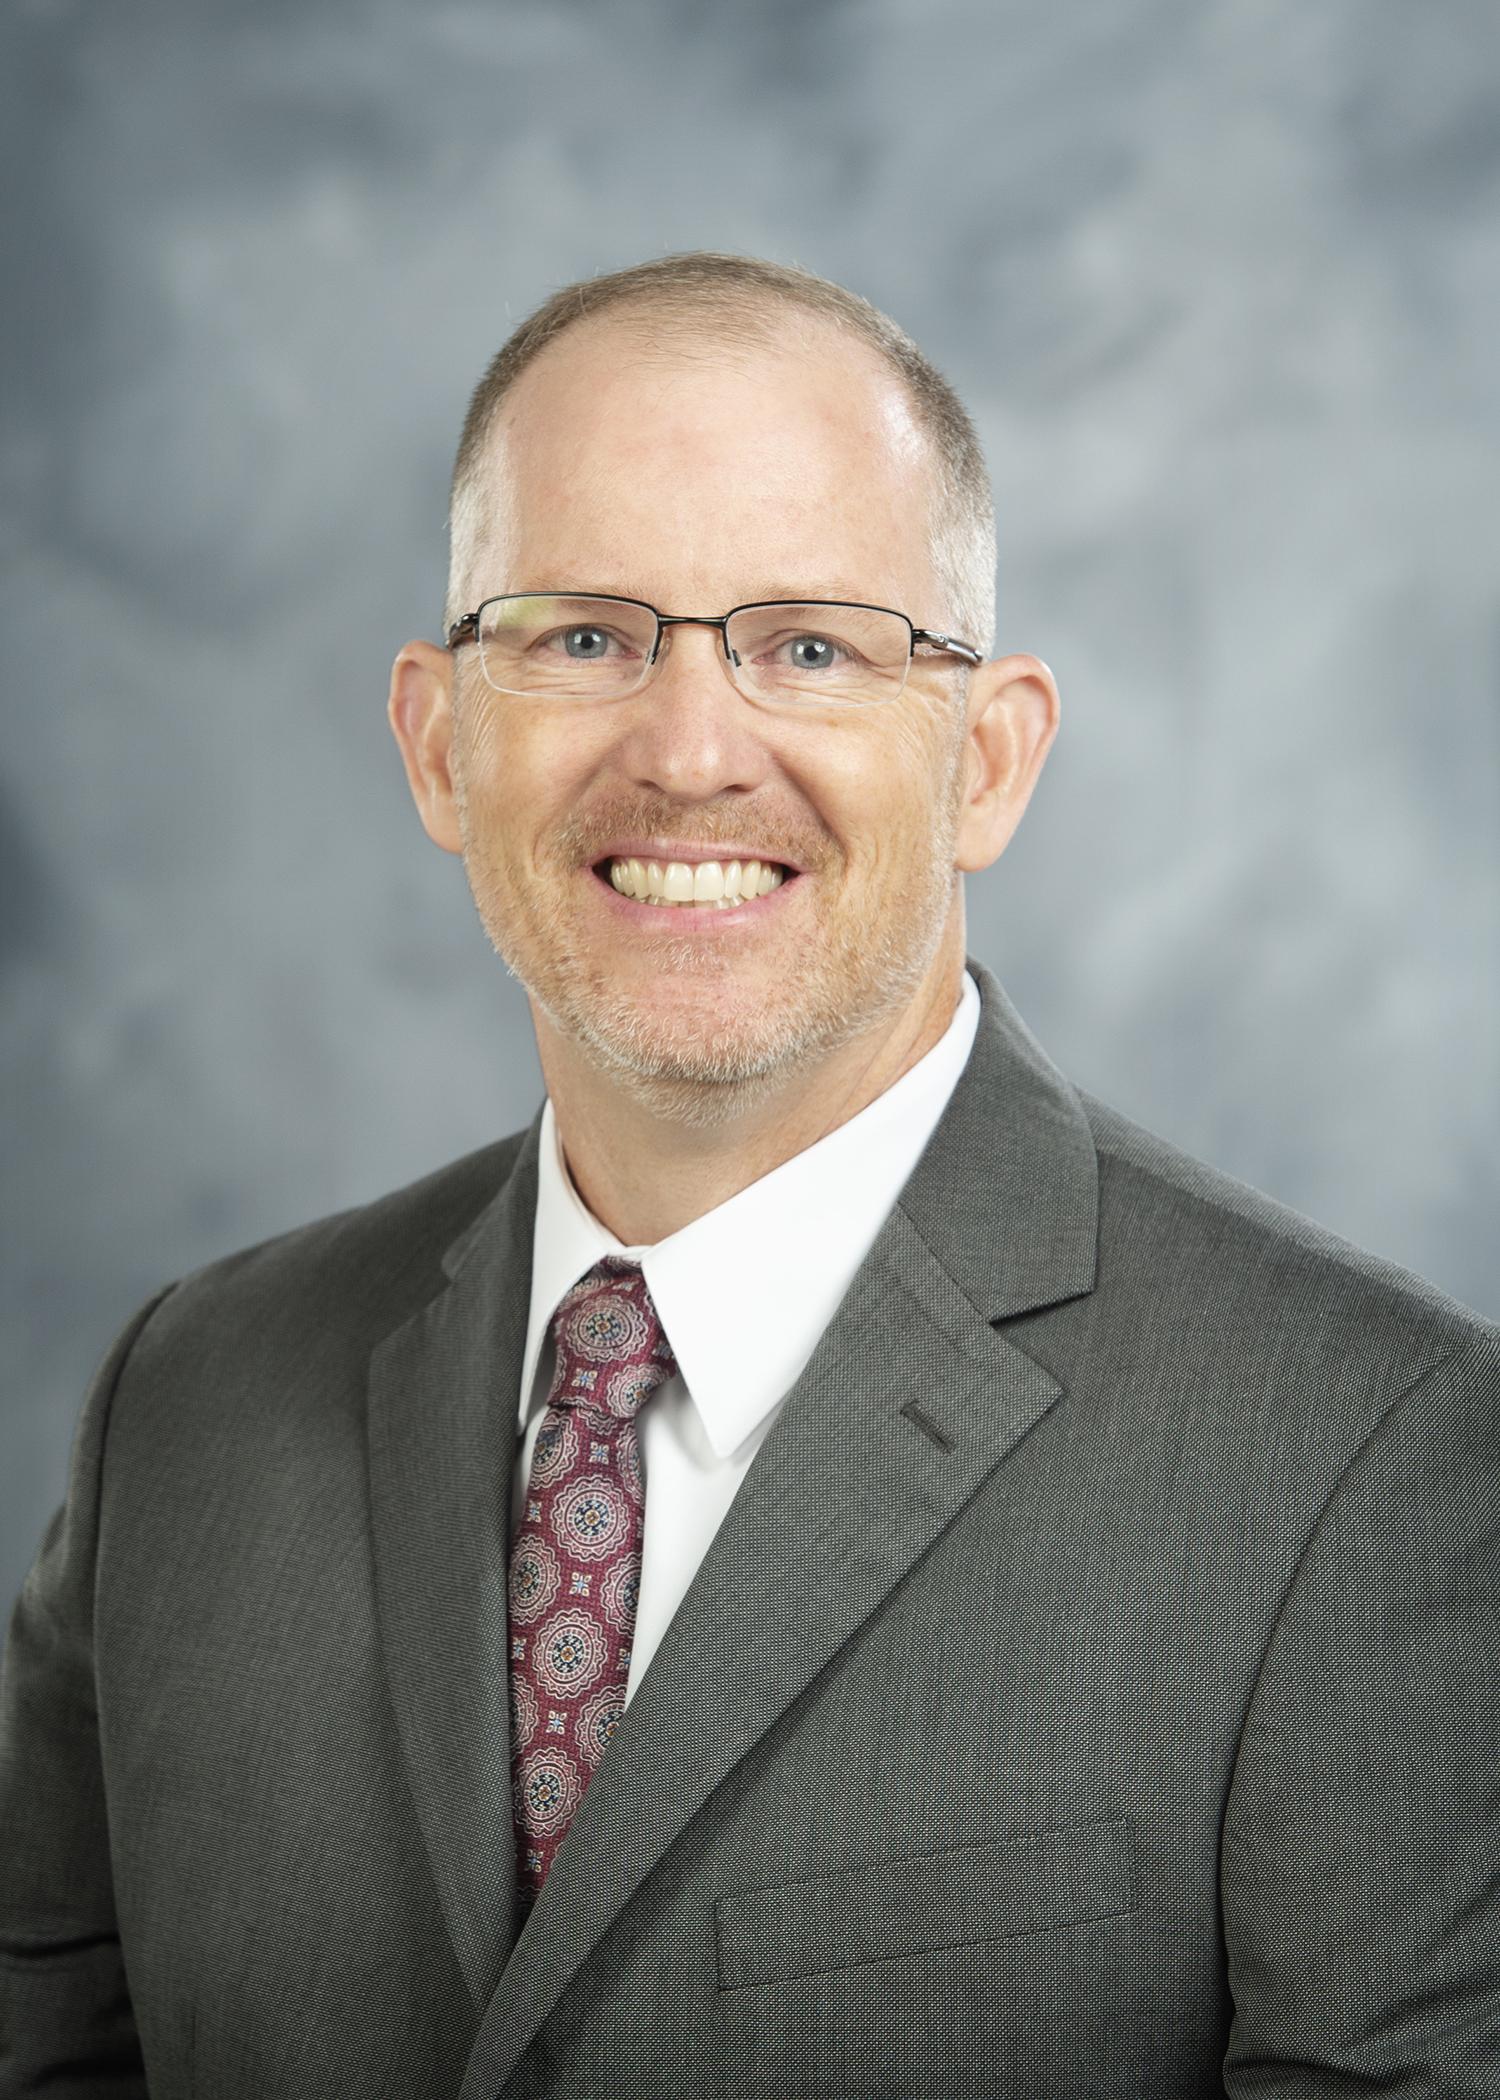 Chris Boone PhD